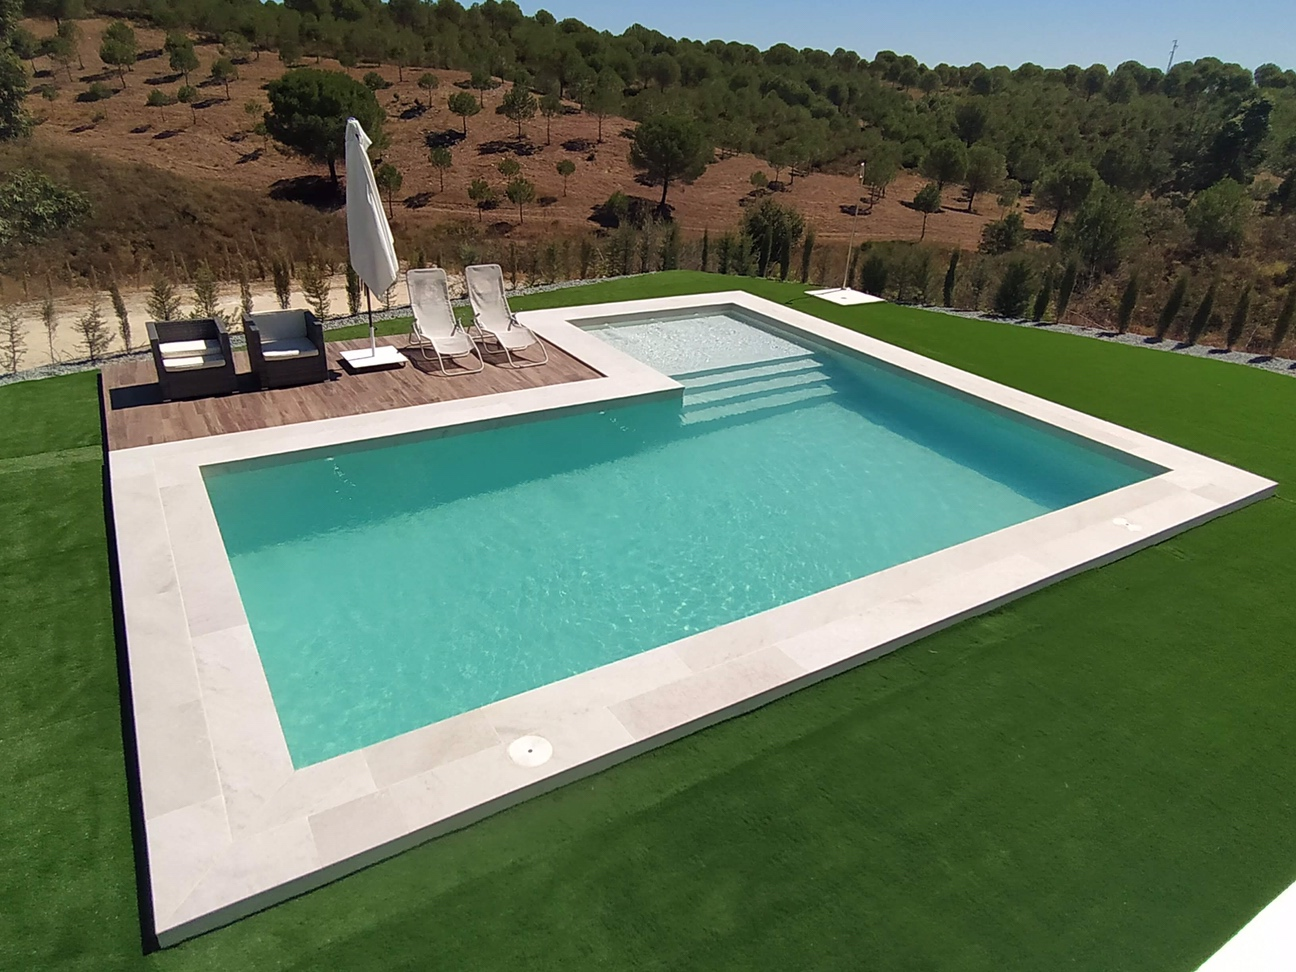 Vista frontal de la piscina revestida con porcelánico White Stone, situada en entorno natura.